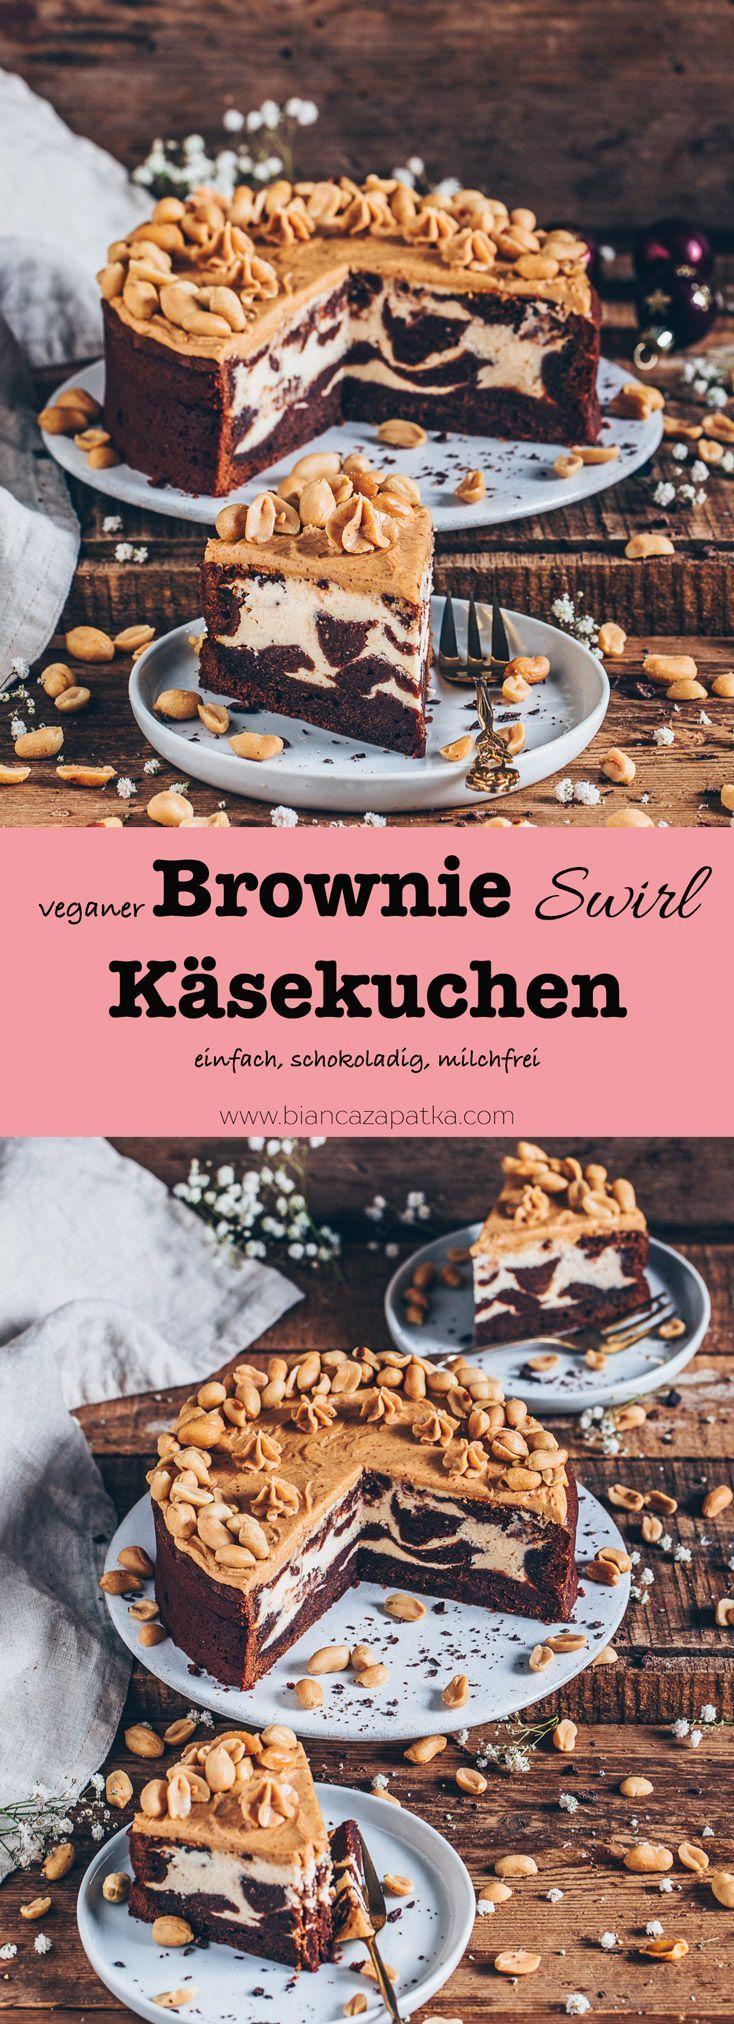 Brownie-Käsekuchen (einfach, vegan)